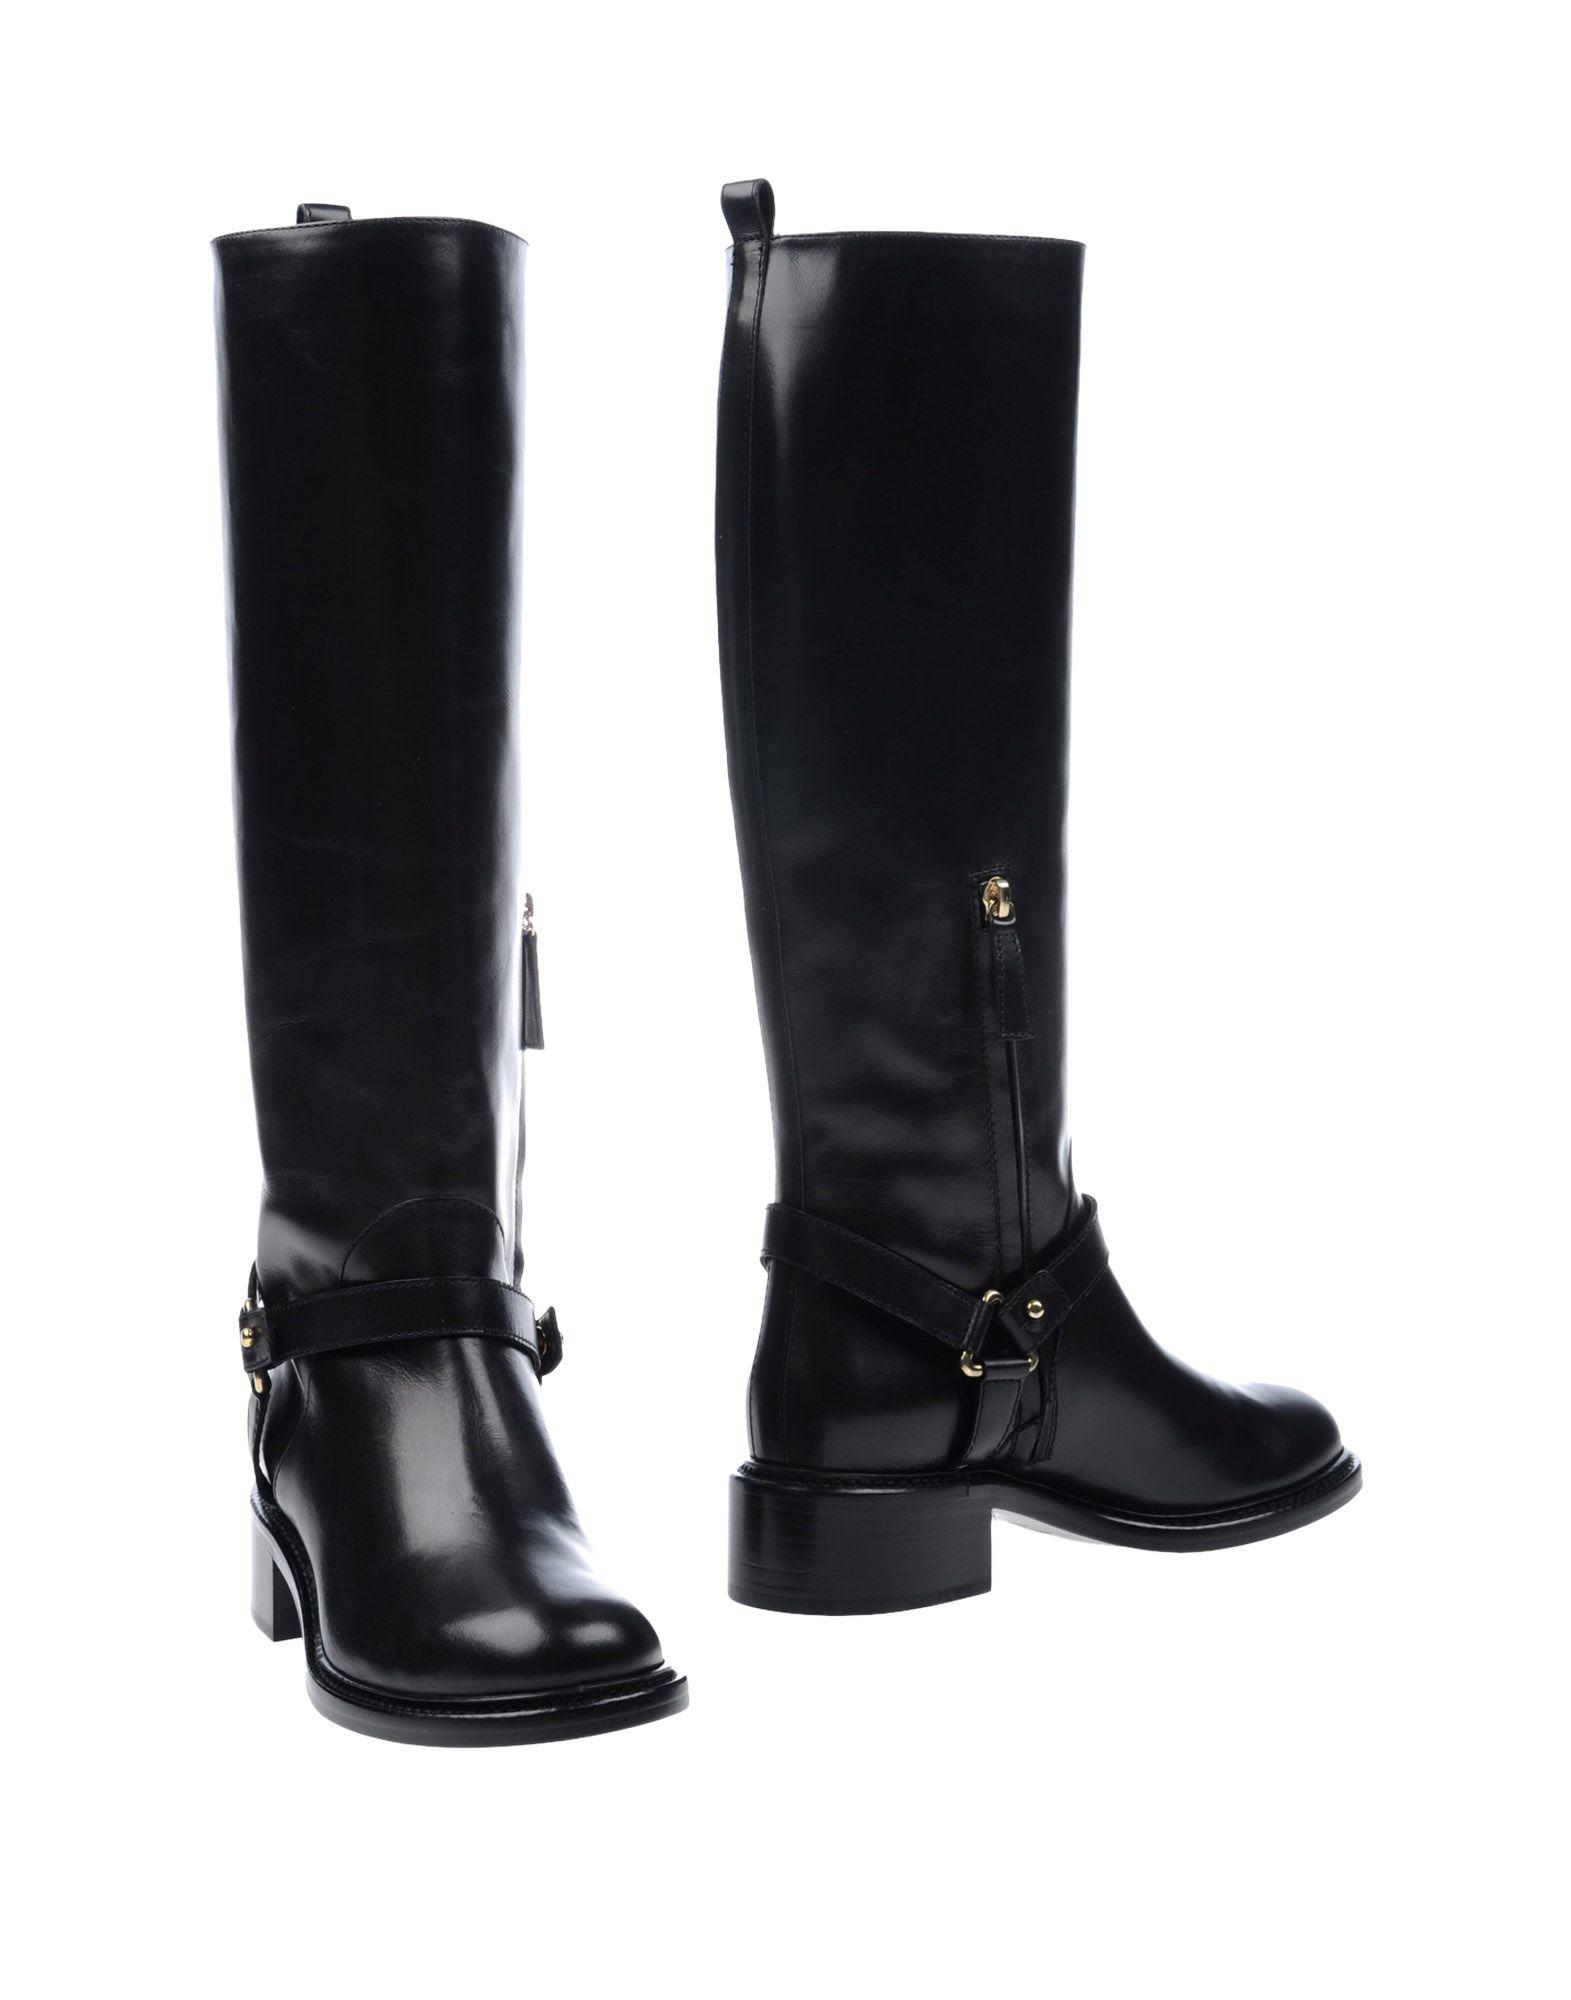 Alberta Ferretti Boots Boots - Women Alberta Ferretti Boots Boots online on  Australia - 11244288OW 29ae5f